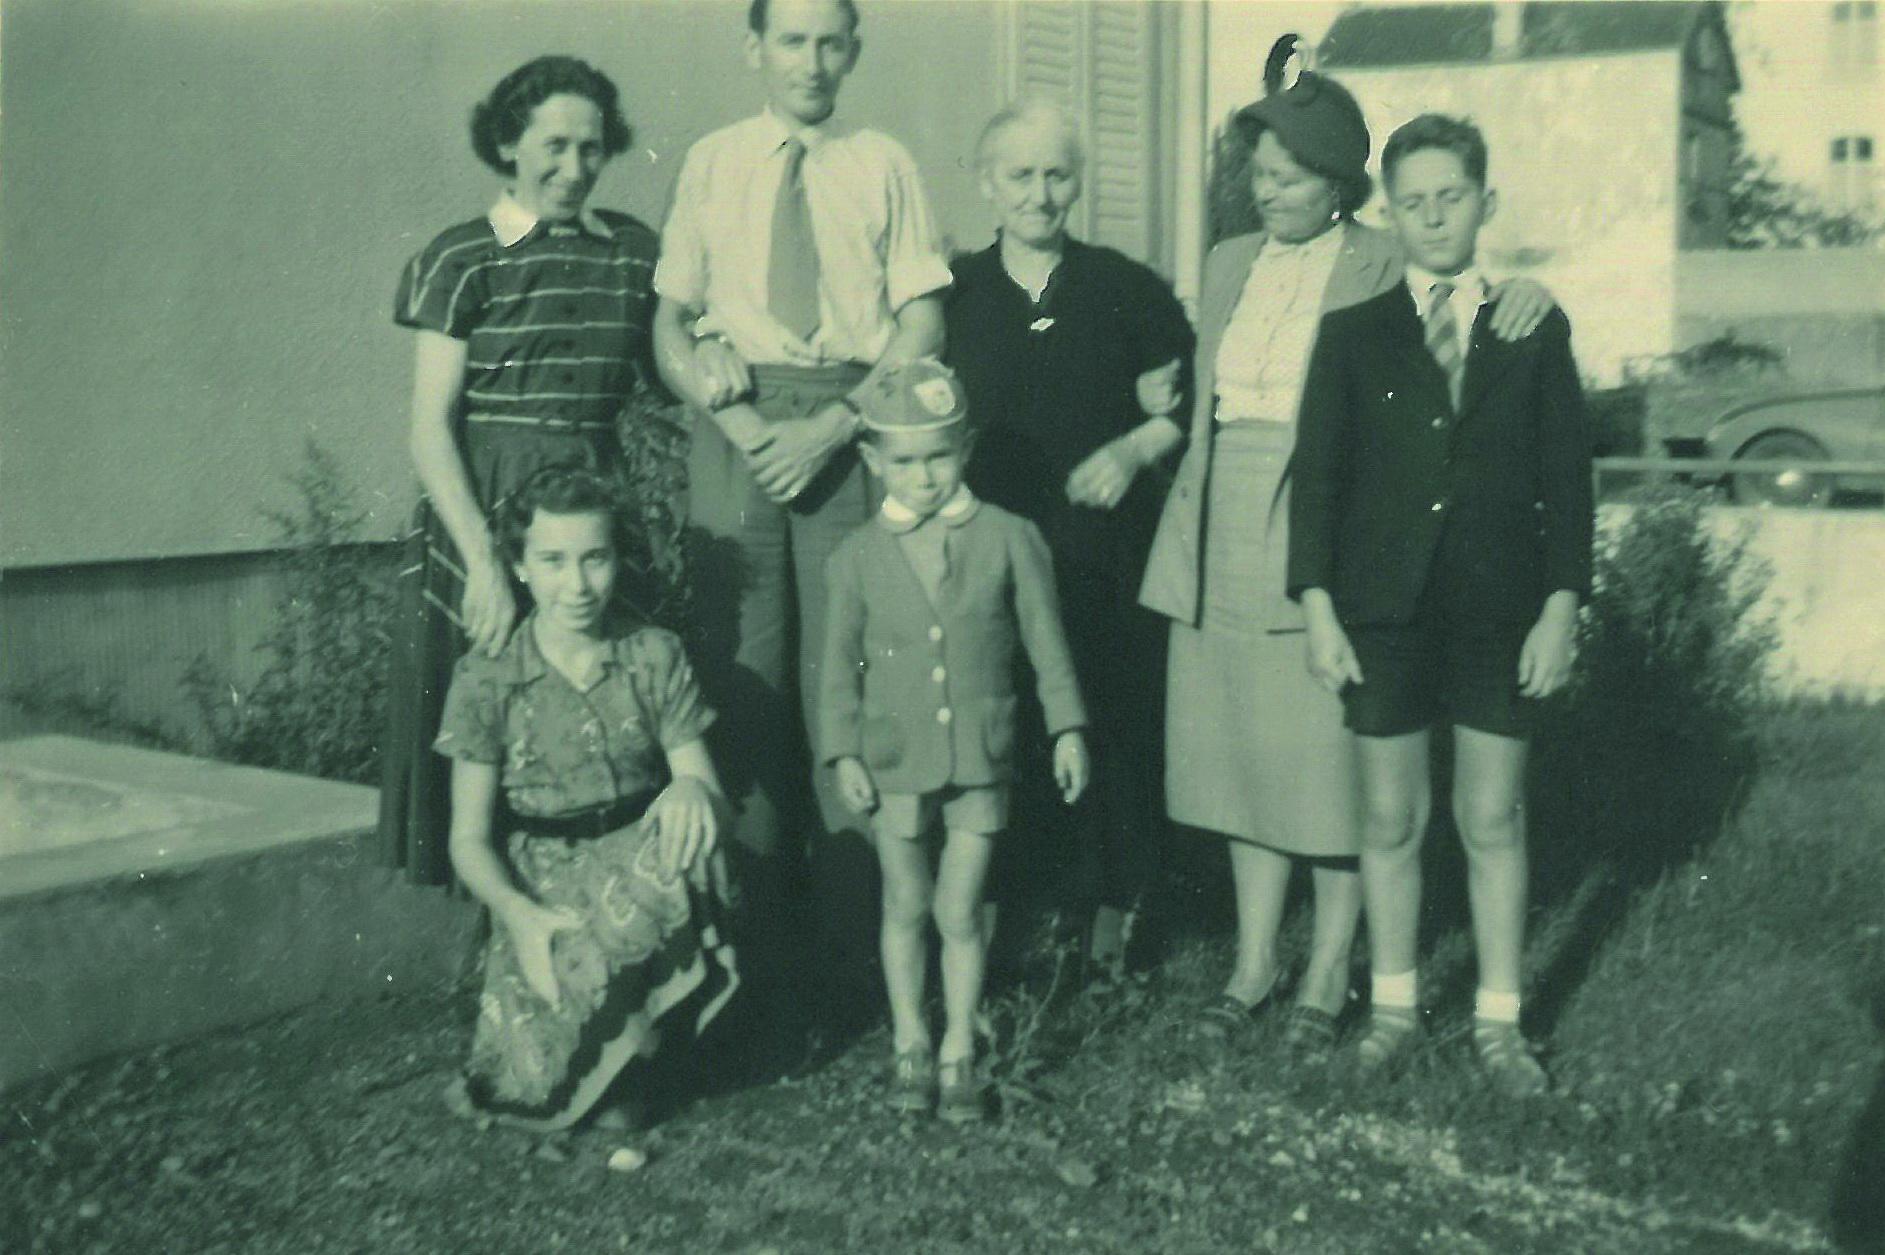 In Bad Neuenahr 1950